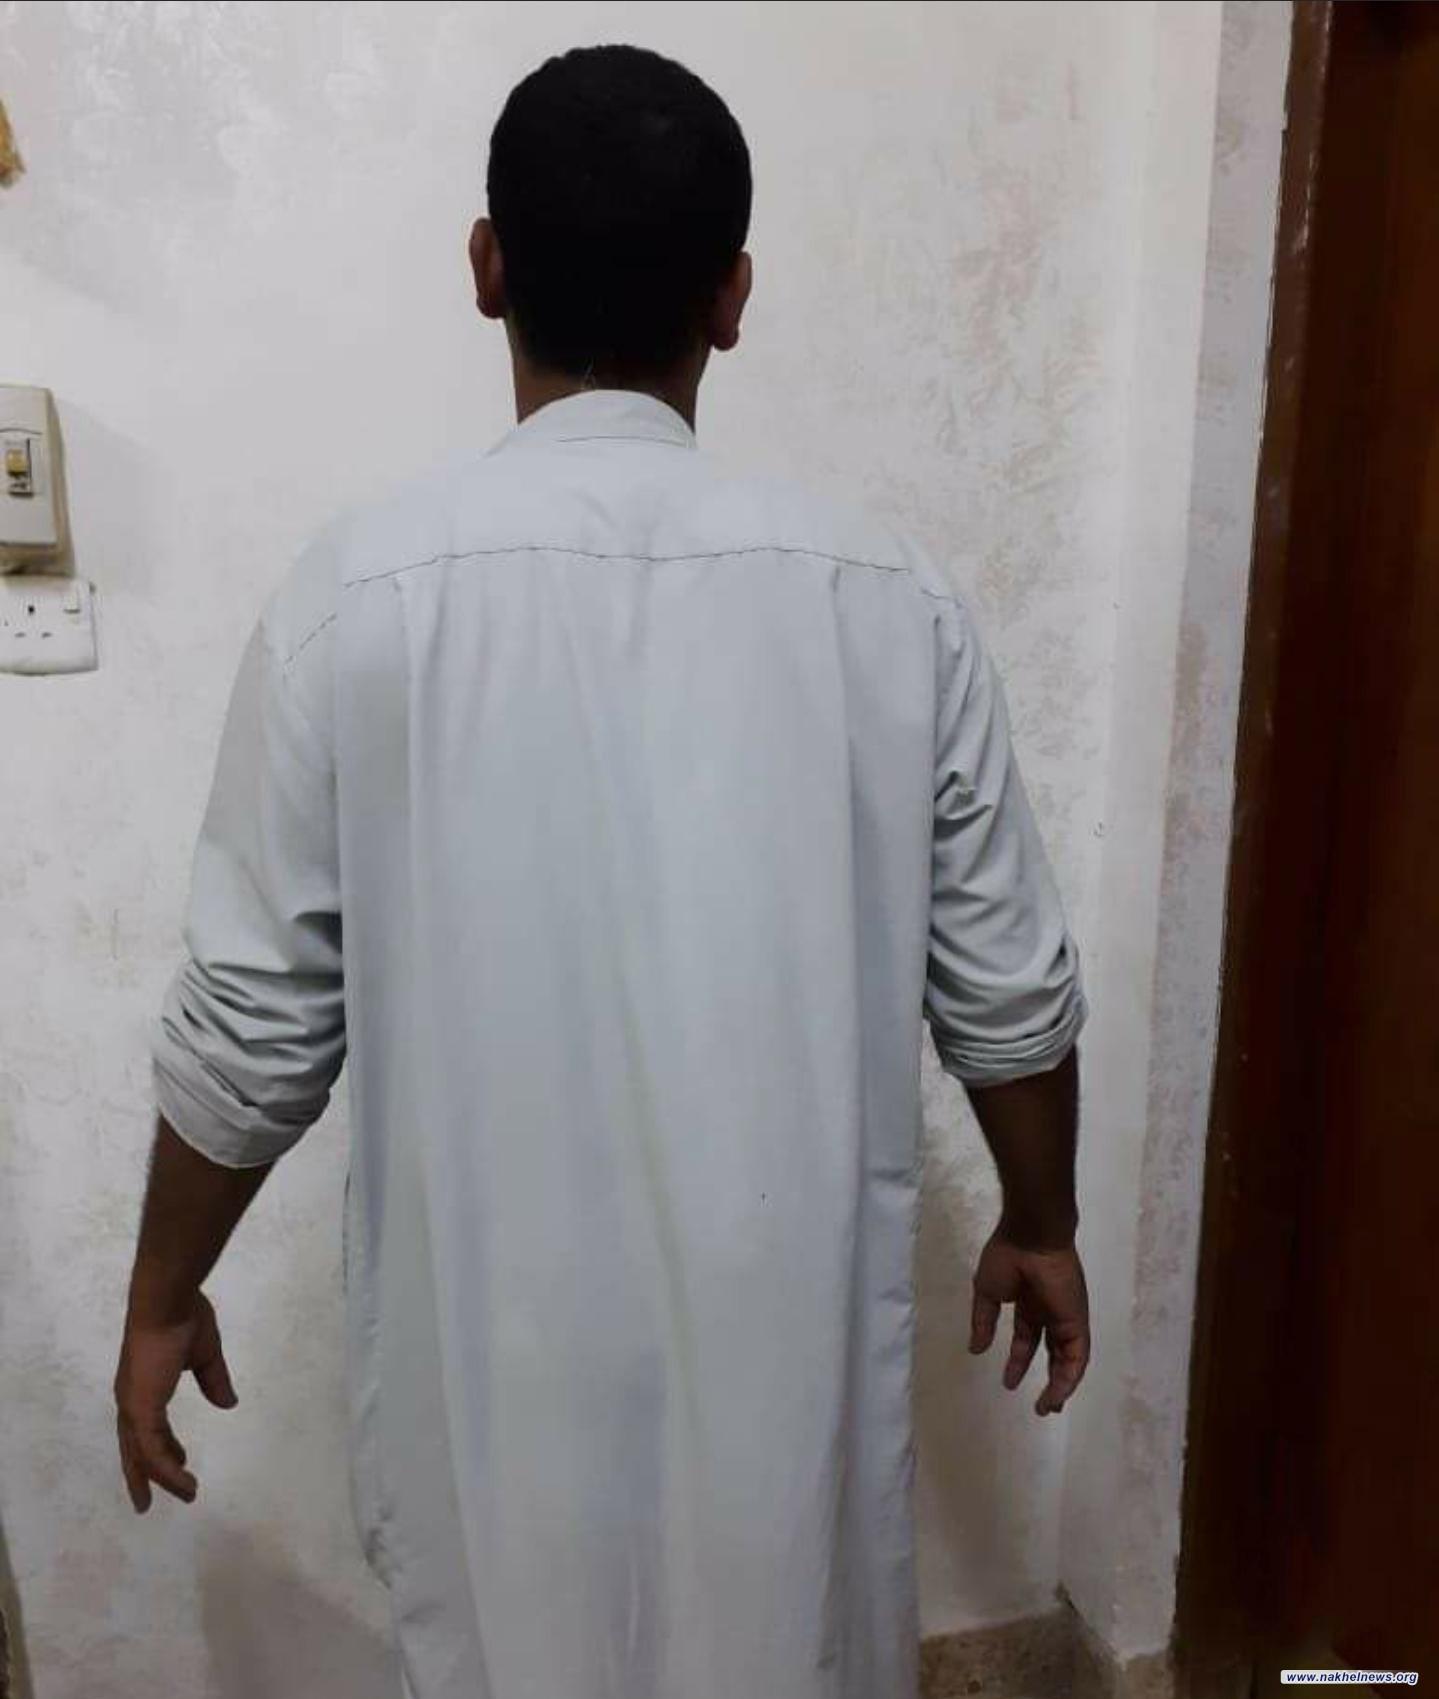 شرطة محافظة الديوانية تلقي القبض على متهم  قام بالاعتداء على شقيقته.